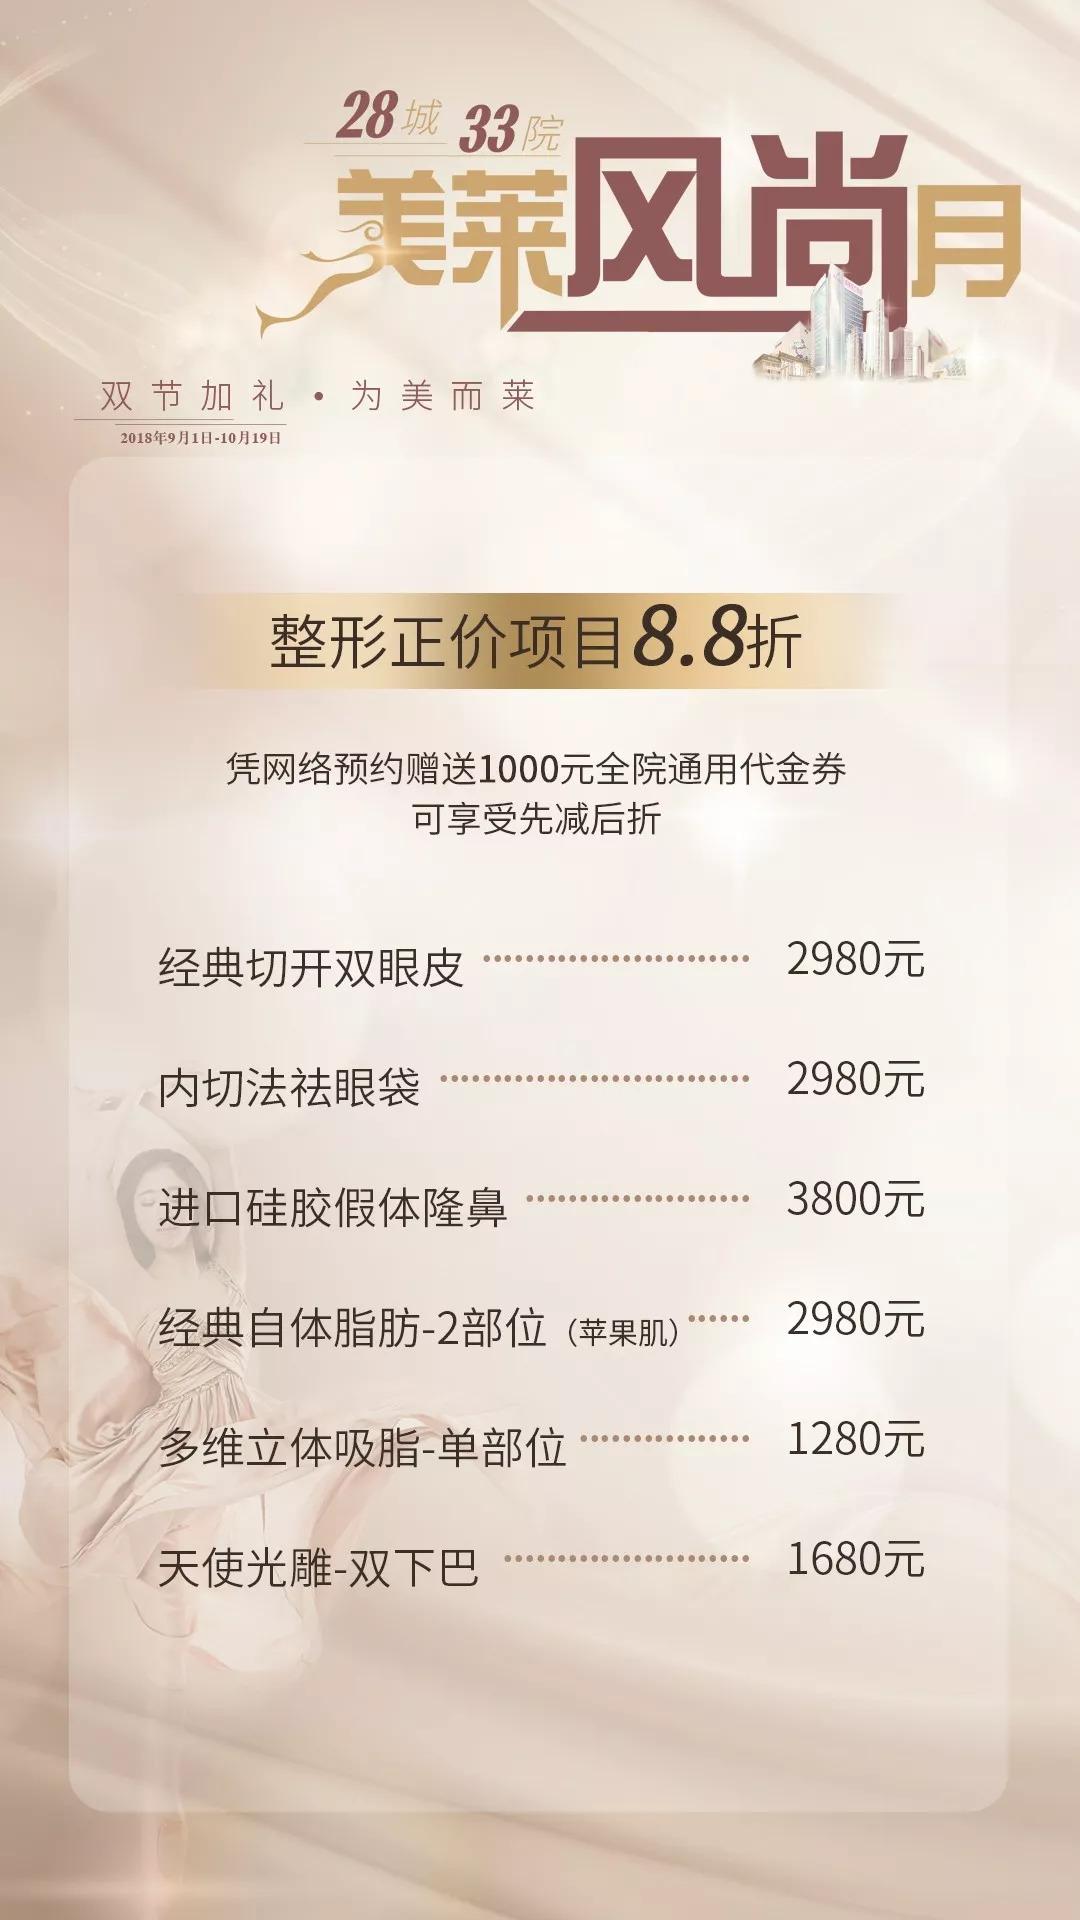 上海美莱韩式双眼皮|量身定制设计方案,突破传统极限